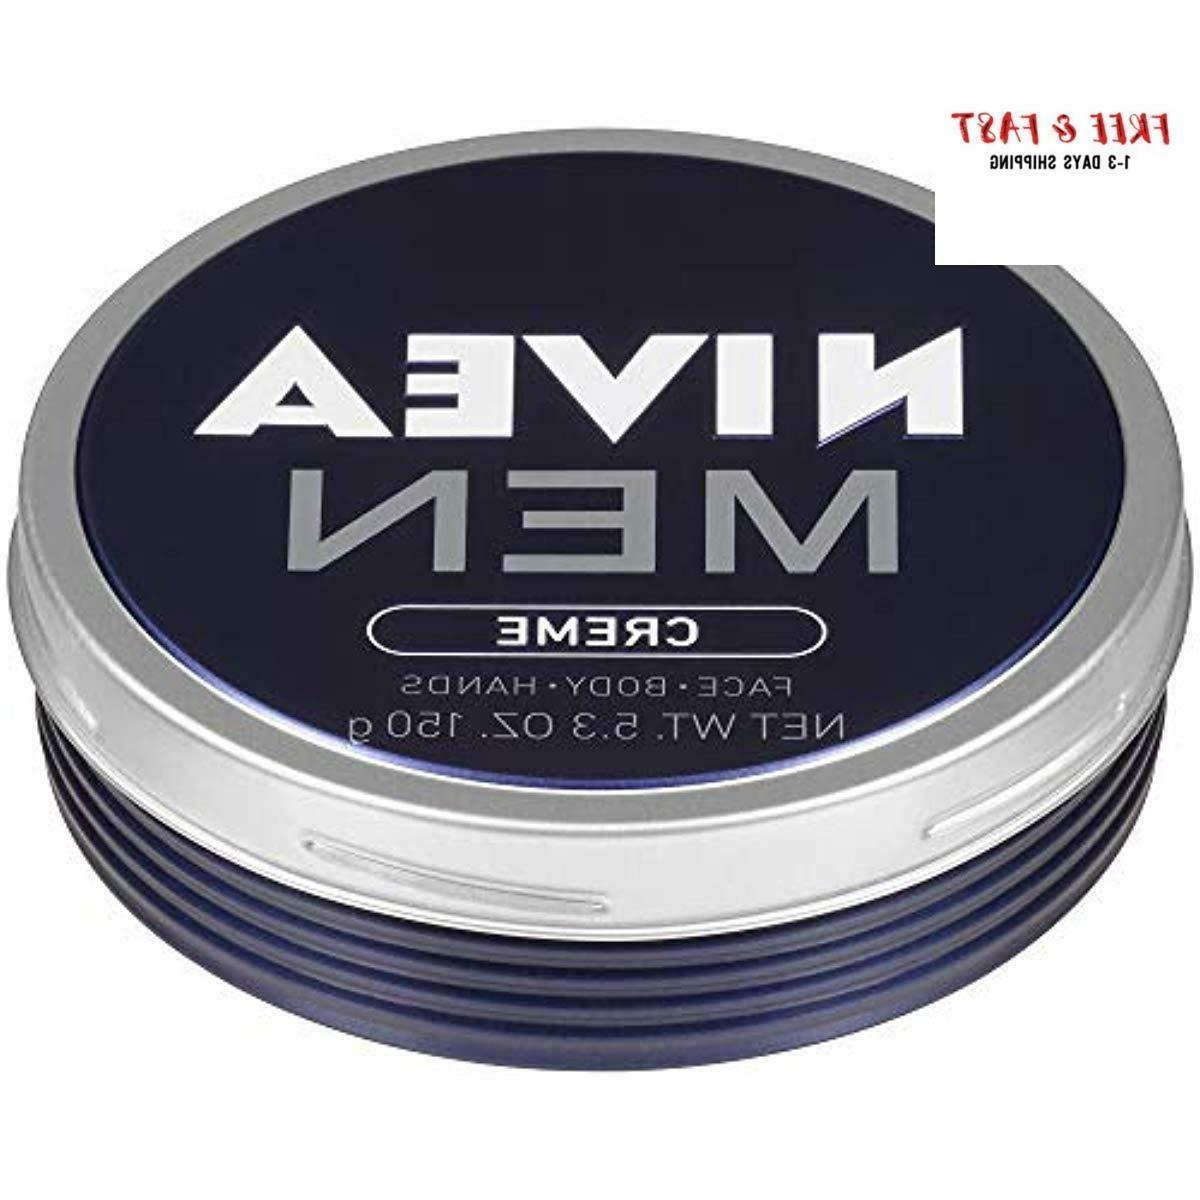 nivea men creme multipurpose cream for men